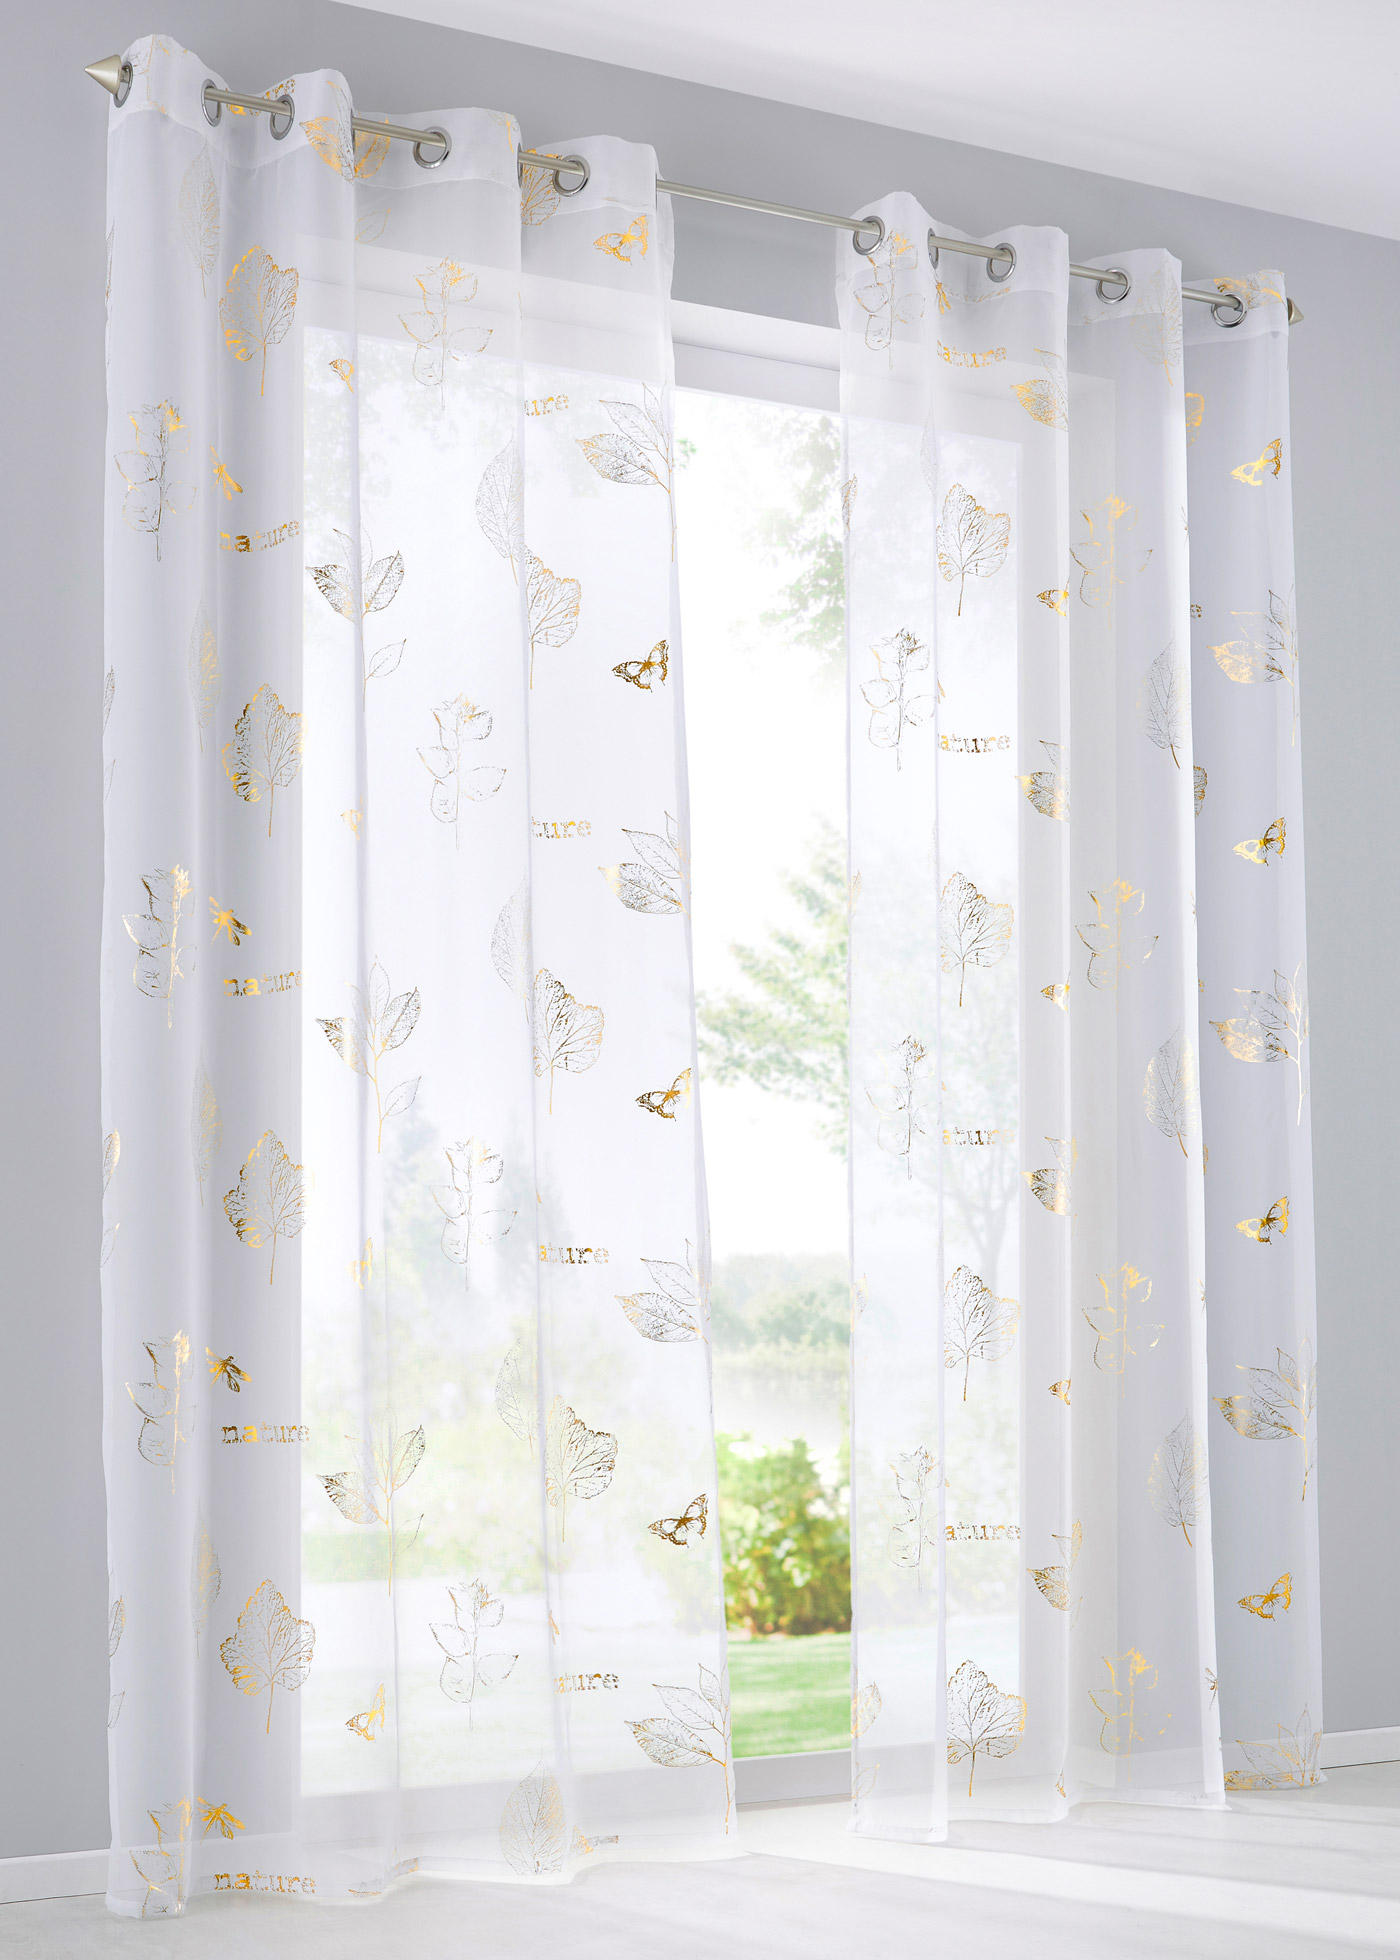 Voile transparent imprimé avec des motifs de feuilles et inscriptions en tons dorés raffinés, pour habiller vos fenêtres avec élégance ! Hiver comme été, les rayons de soleil illuminent vos pièces en créant des effets superbes.